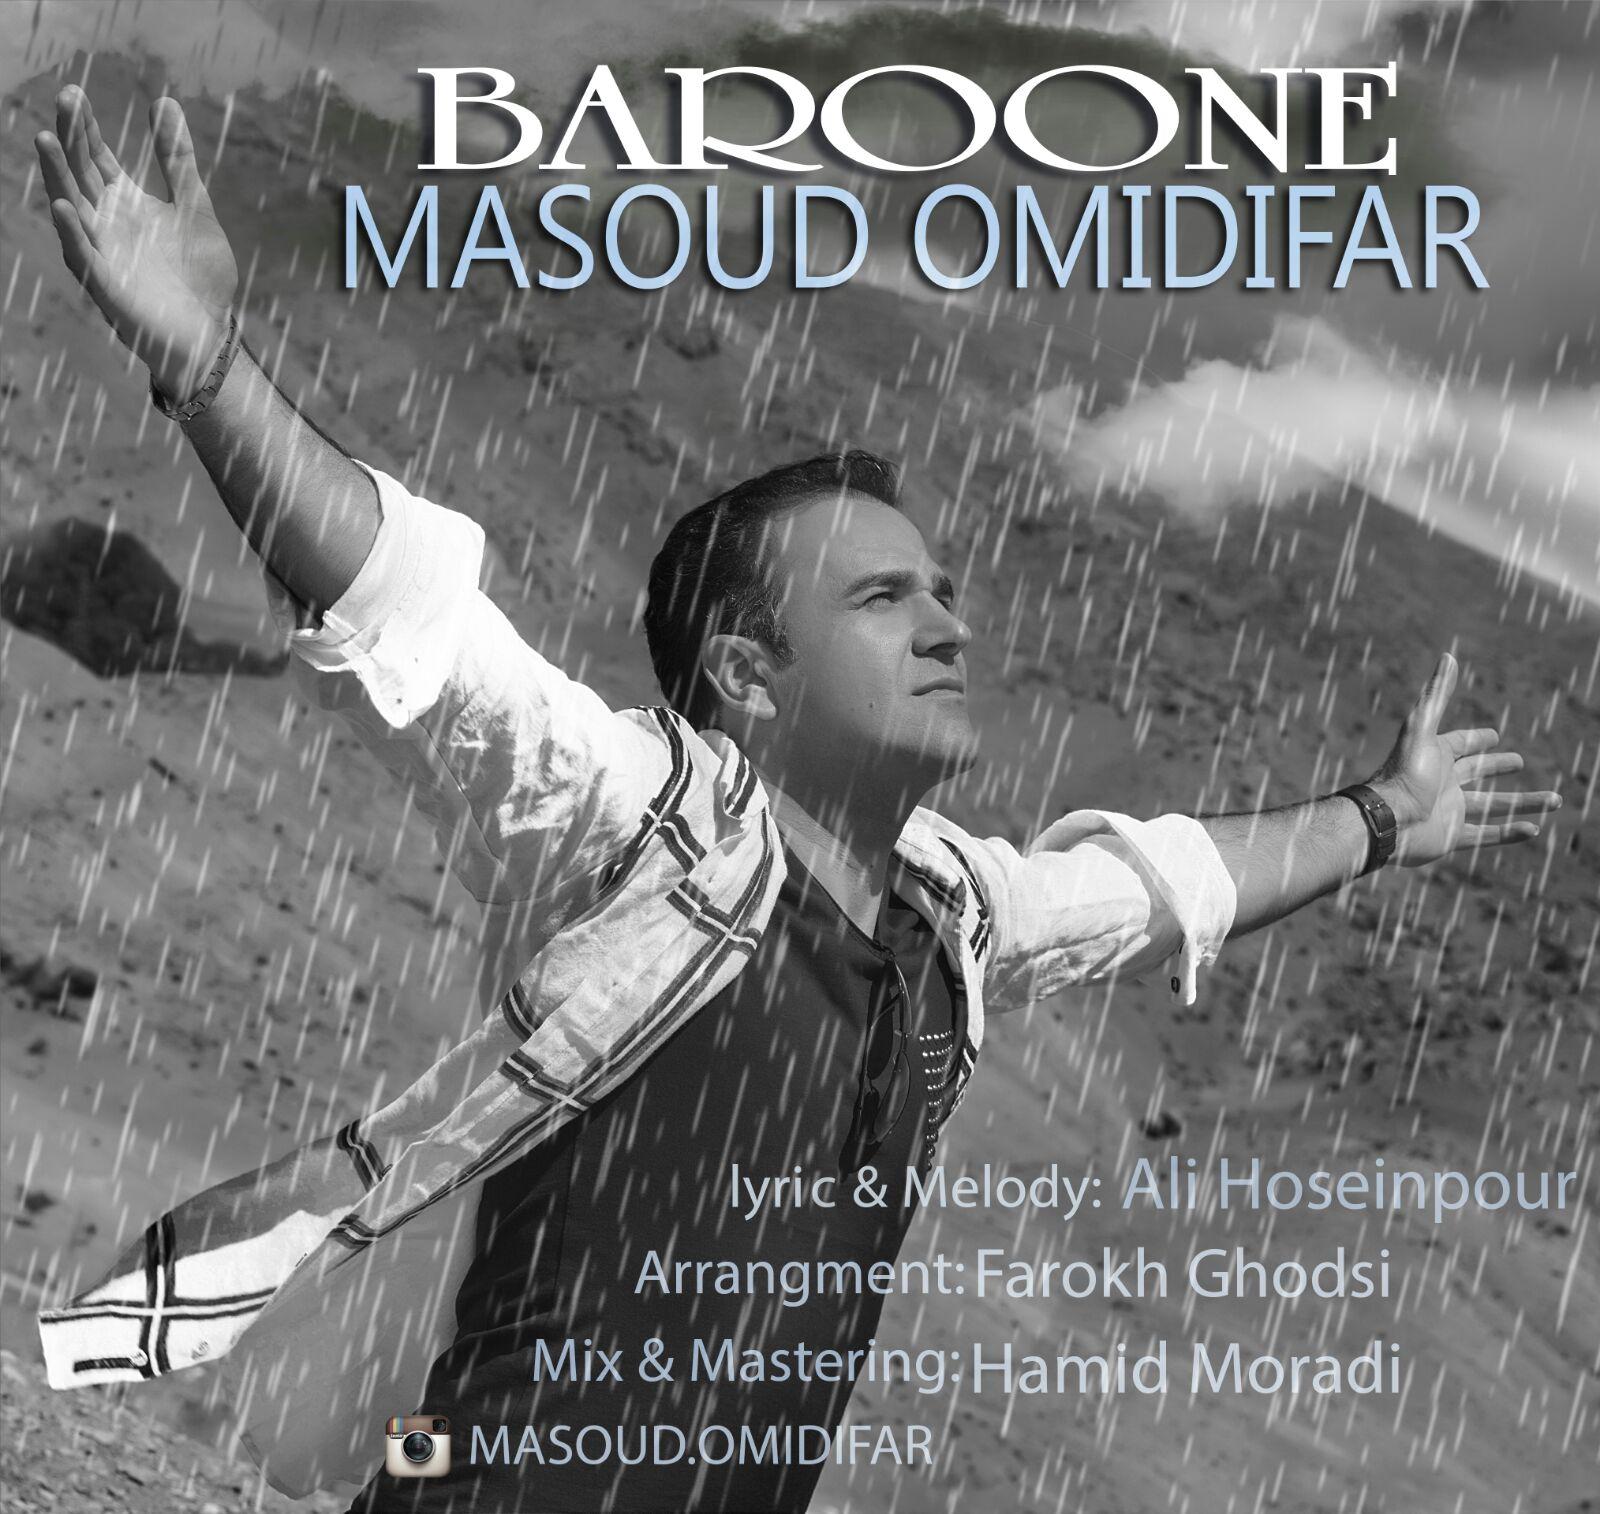 دانلود آهنگ جدید مسعود امیدی به نام بارونه